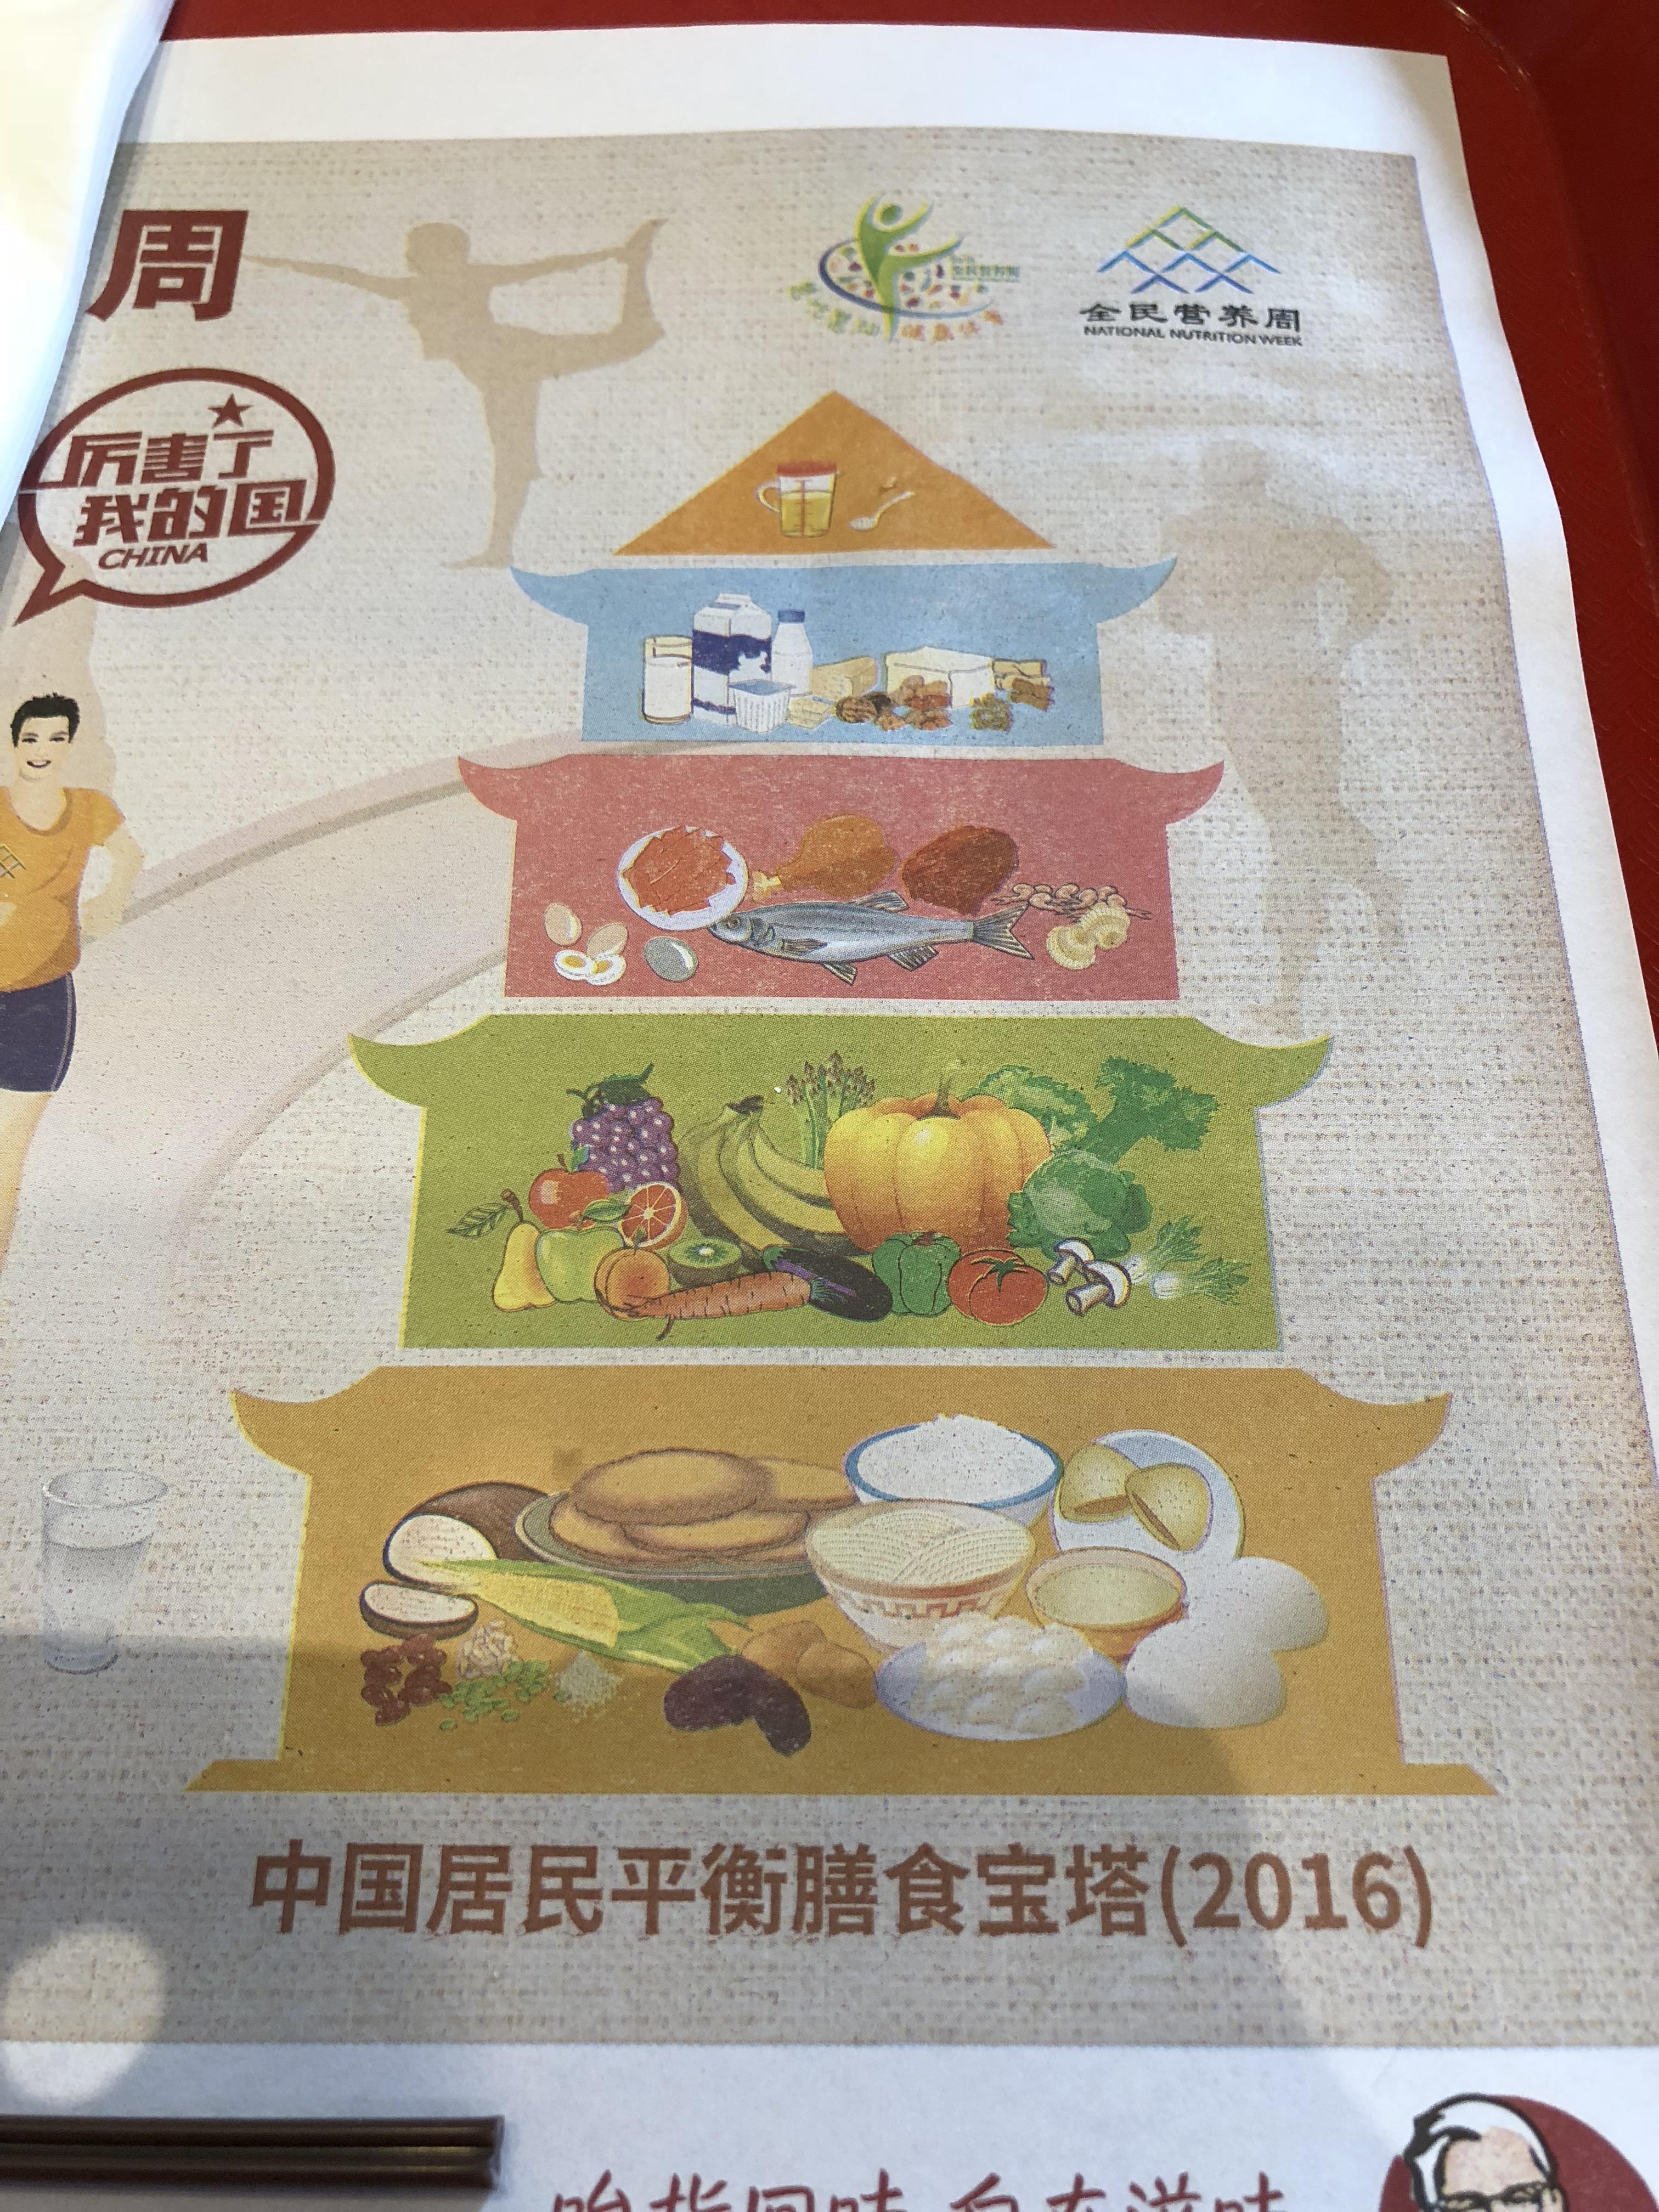 「中国人は飲み物に氷をいれない」その習慣をマネしてみたところ、良い変化が現れました。